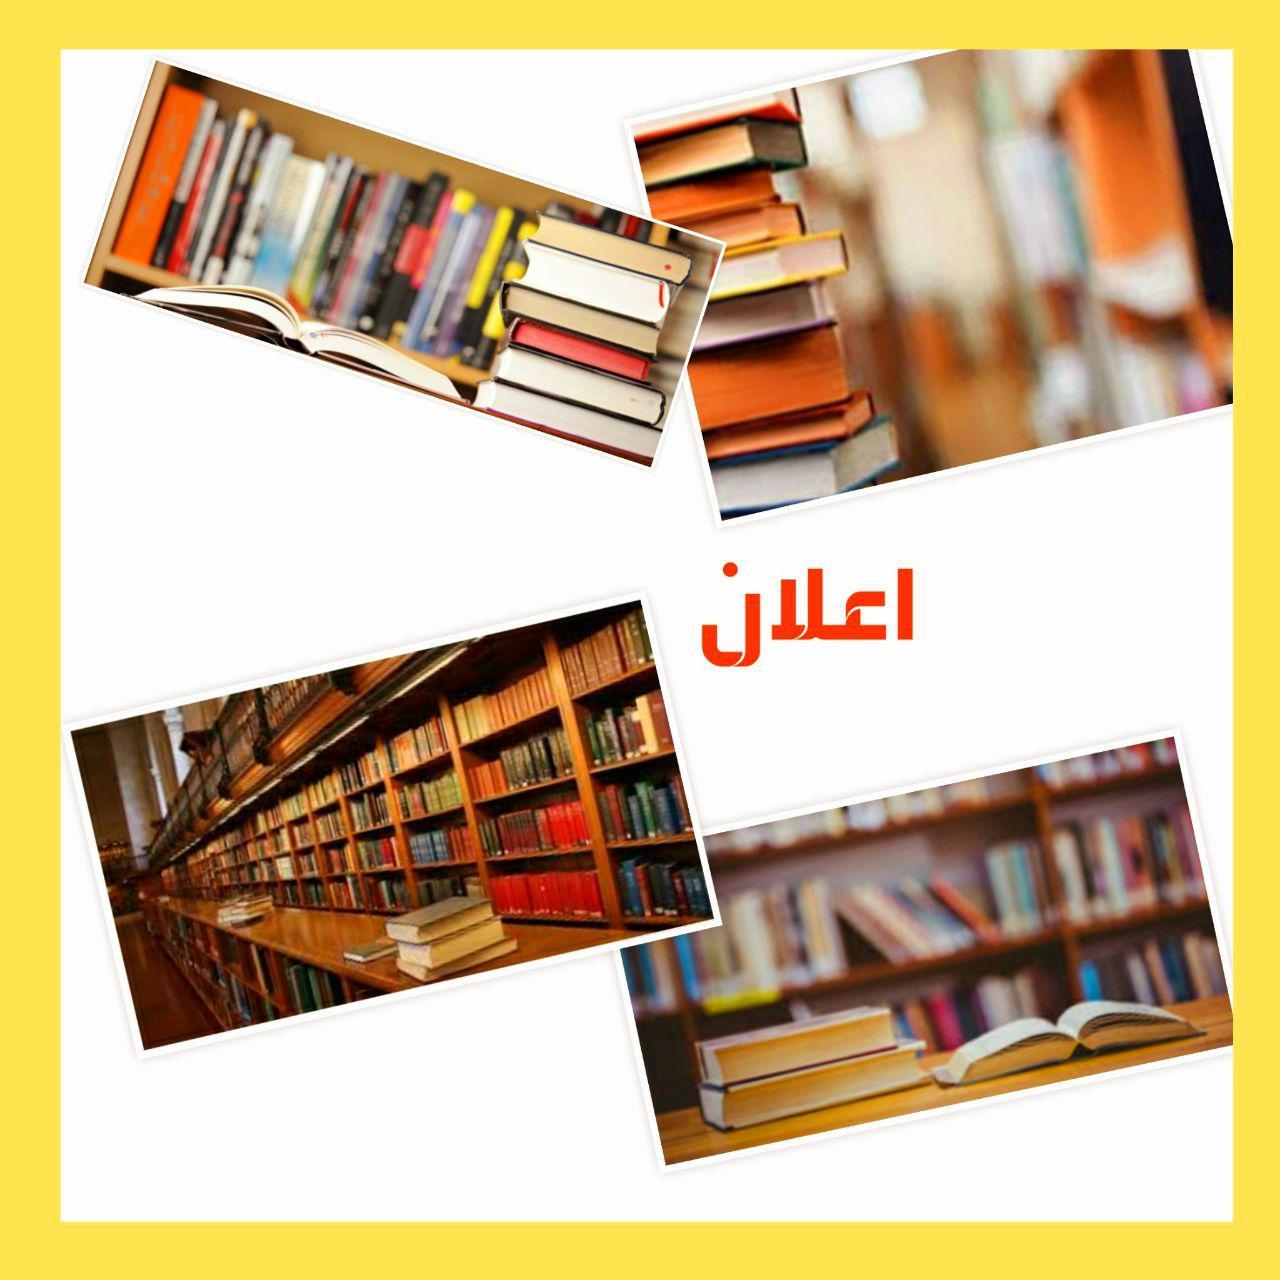 إعــــــــــــــــلان لطلبة المرحلة الأولى قســــم الإحصاء